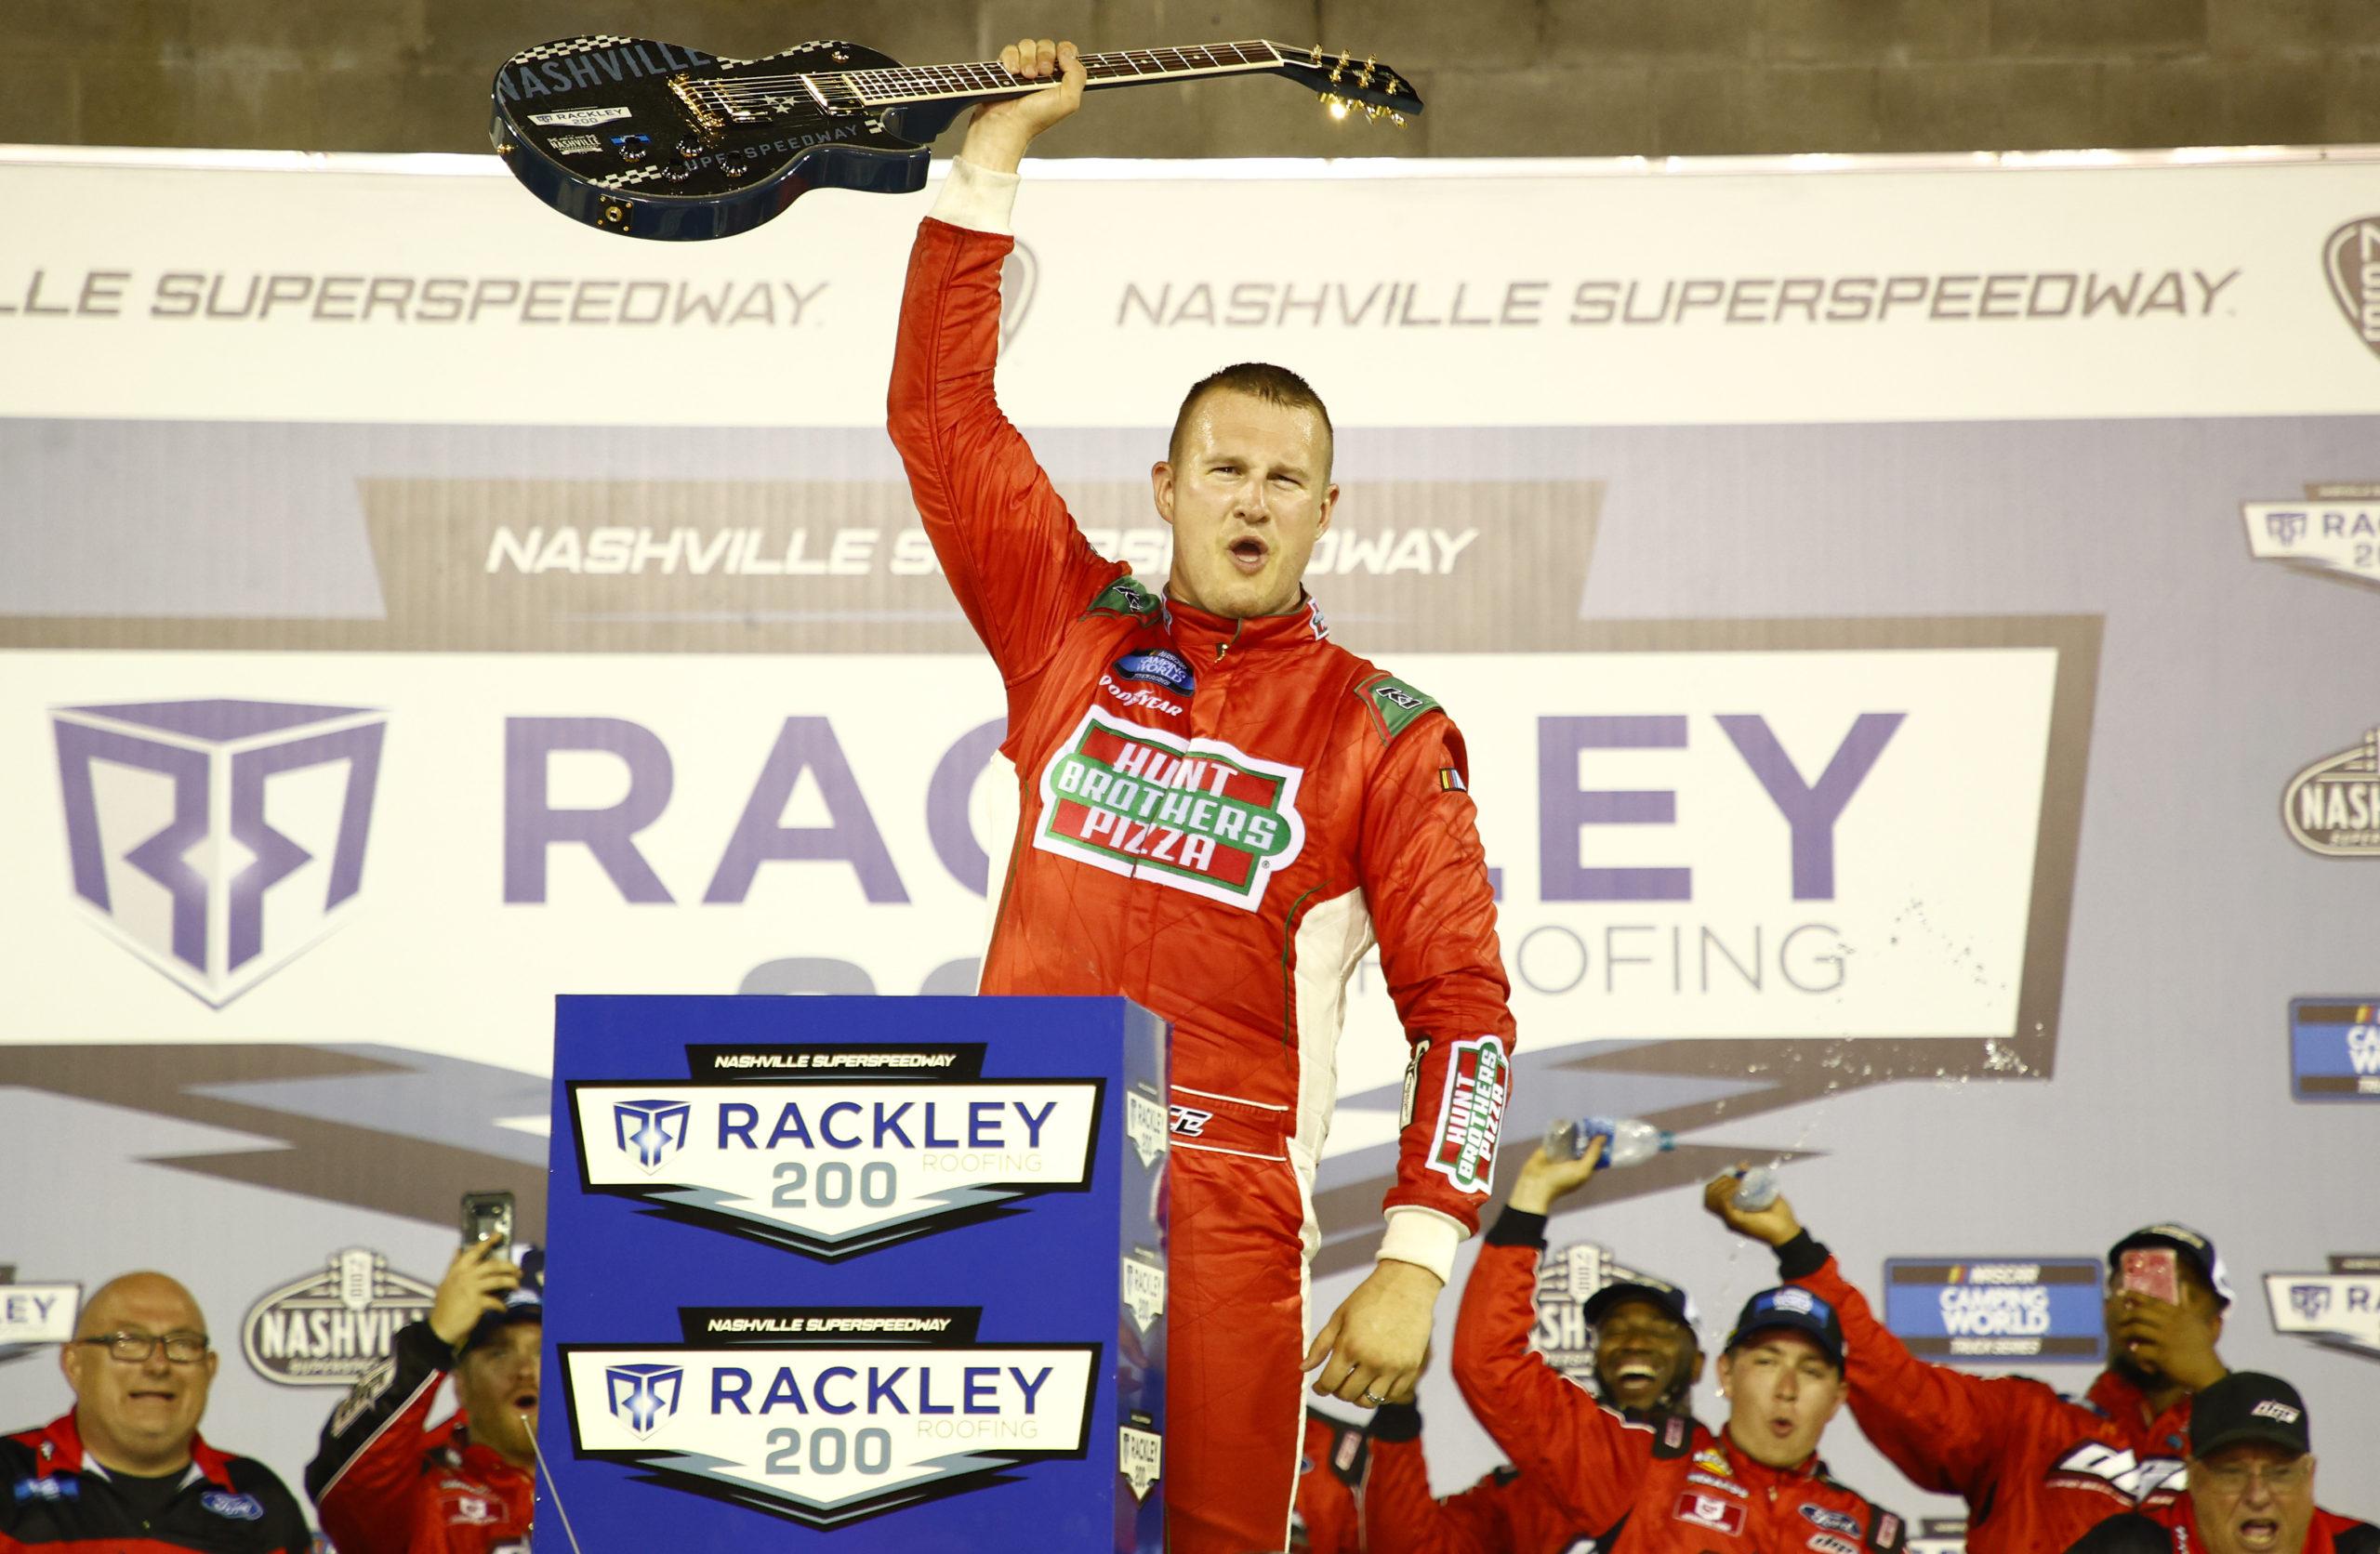 Ryan Preece Earns First Truck Win in Nashville Return